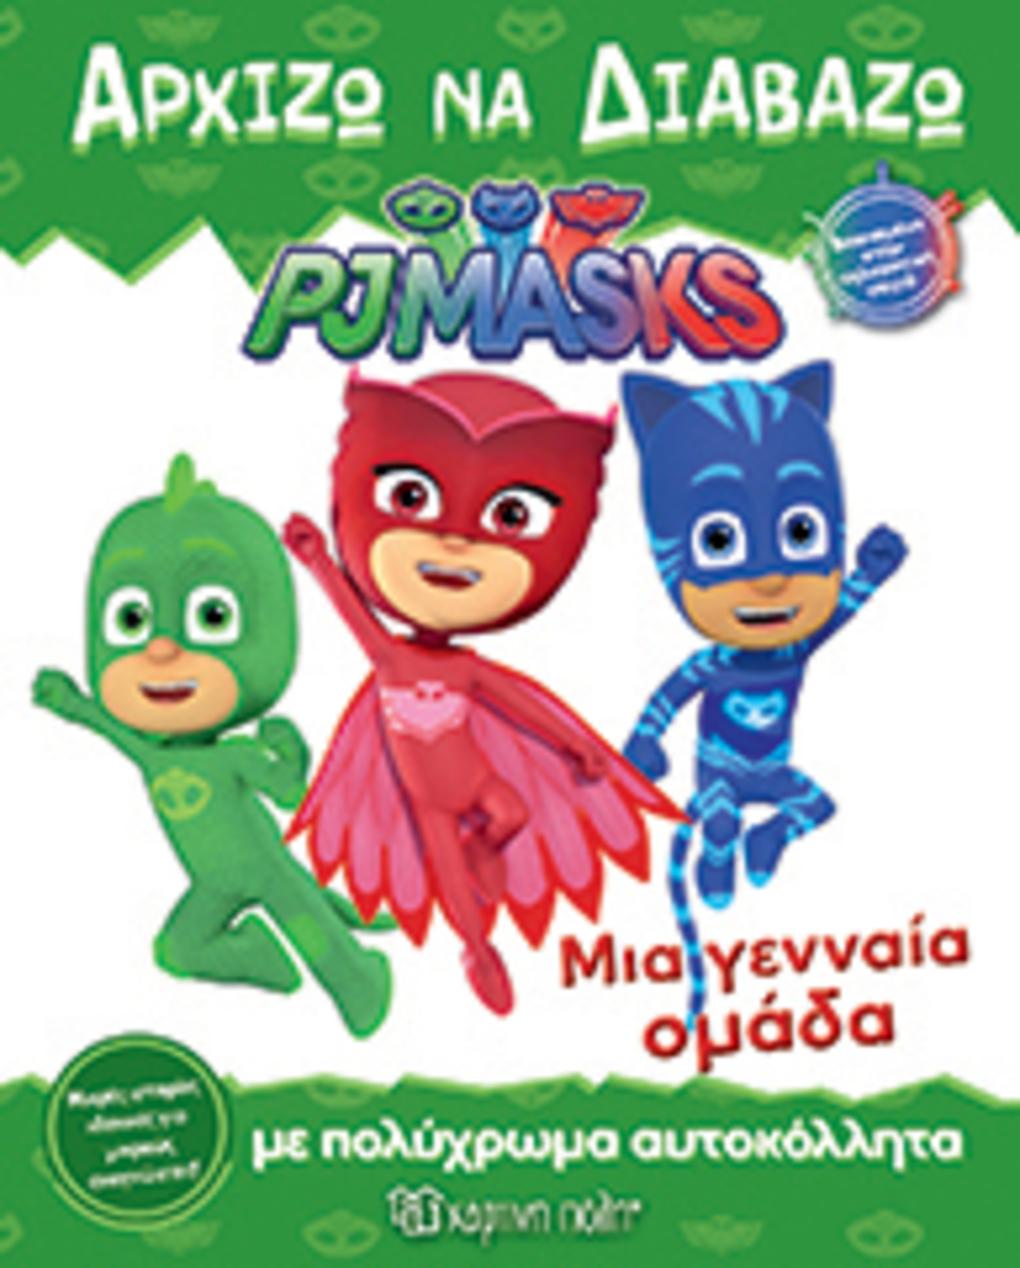 PJ MASKS-ΑΡΧΙΖΩ ΝΑ ΔΙΑΒΑΖΩ 7 - ΜΙΑ ΓΕΝΝΑΙΑ ΟΜΑΔΑ